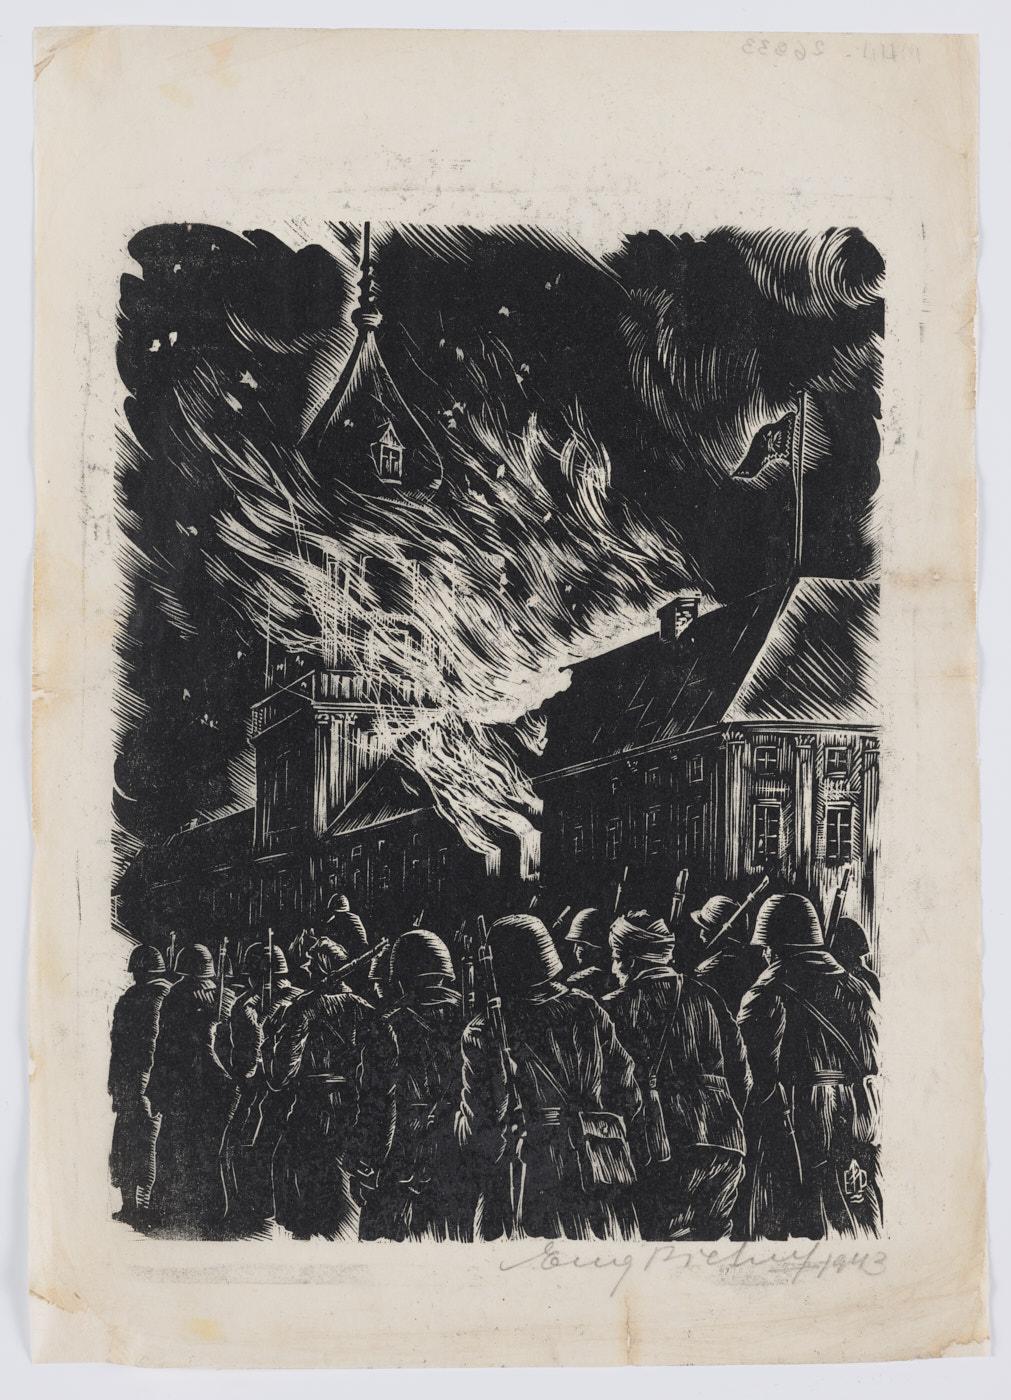 Grafika wykonana czarną farbą. Noc. Obok płonącego Zamku Królewskiego maszeruje duża grupa żołnierzy, są odwróceni tyłem. Mają hełmy nagłowach ibroń naramionach. Niektórzy znich przyglądają się pożarowi.